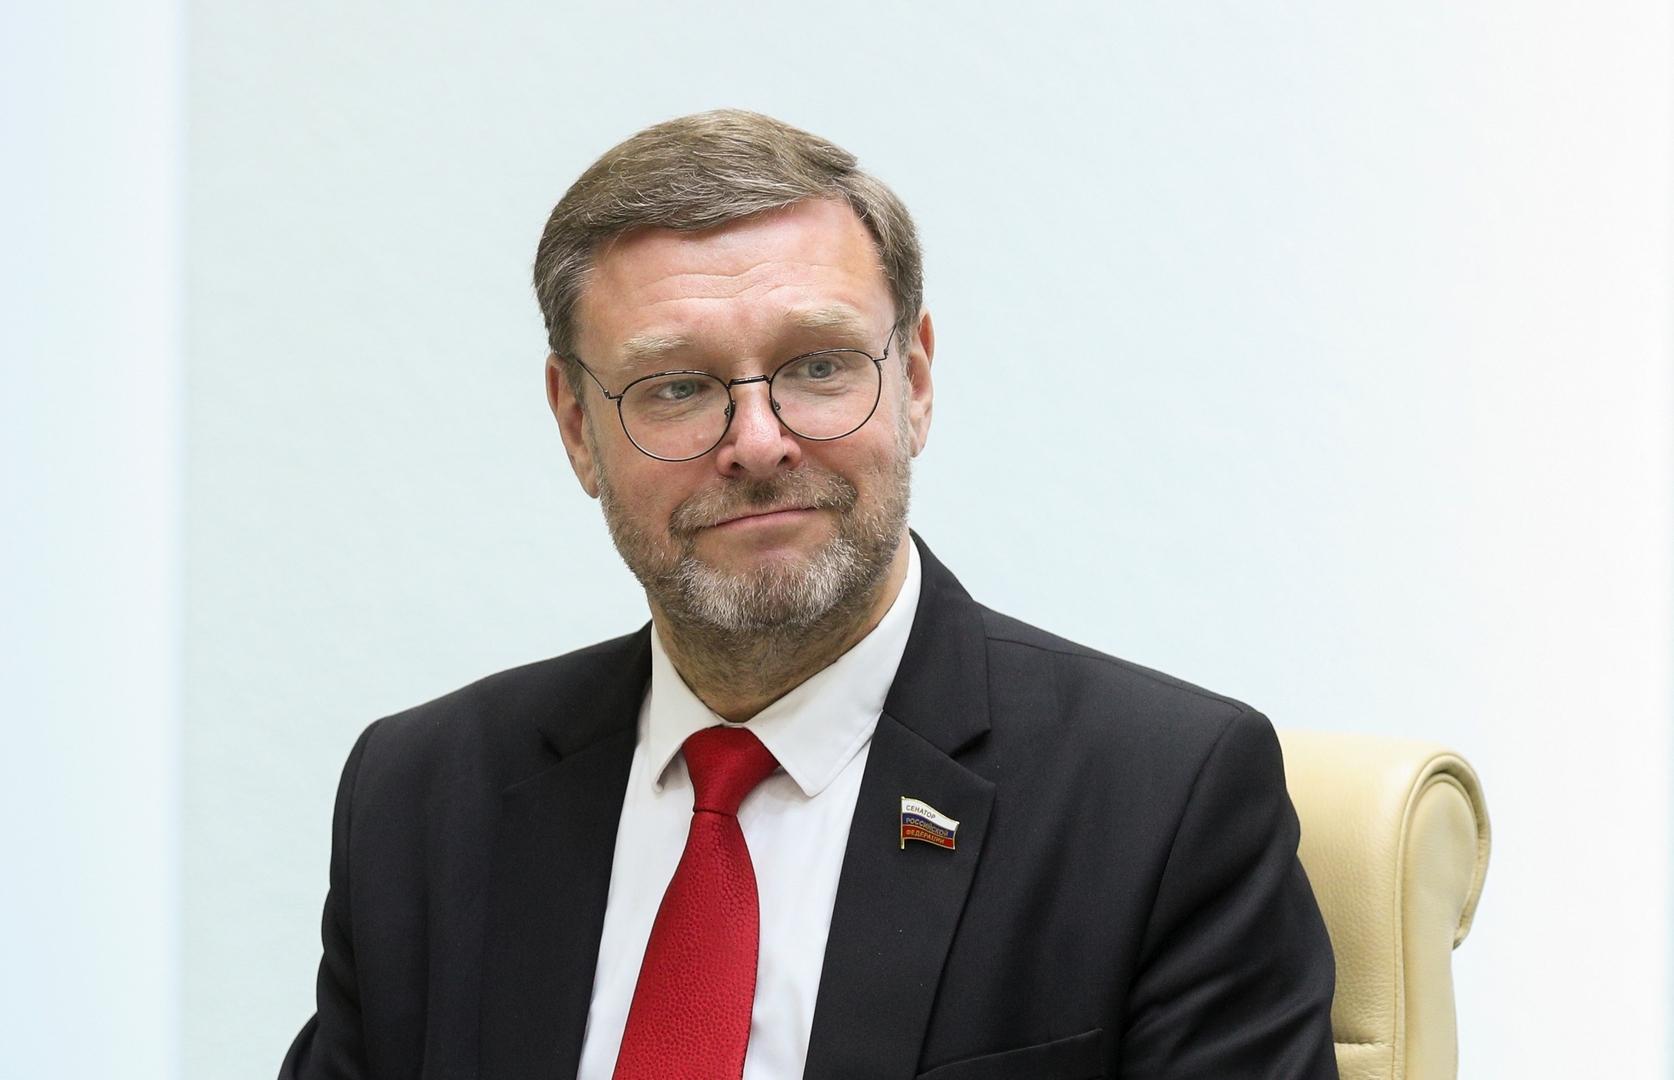 كوساتشوف: التصريحات الأمريكية حول الصواريخ الروسية في أوروبا لا أساس لها